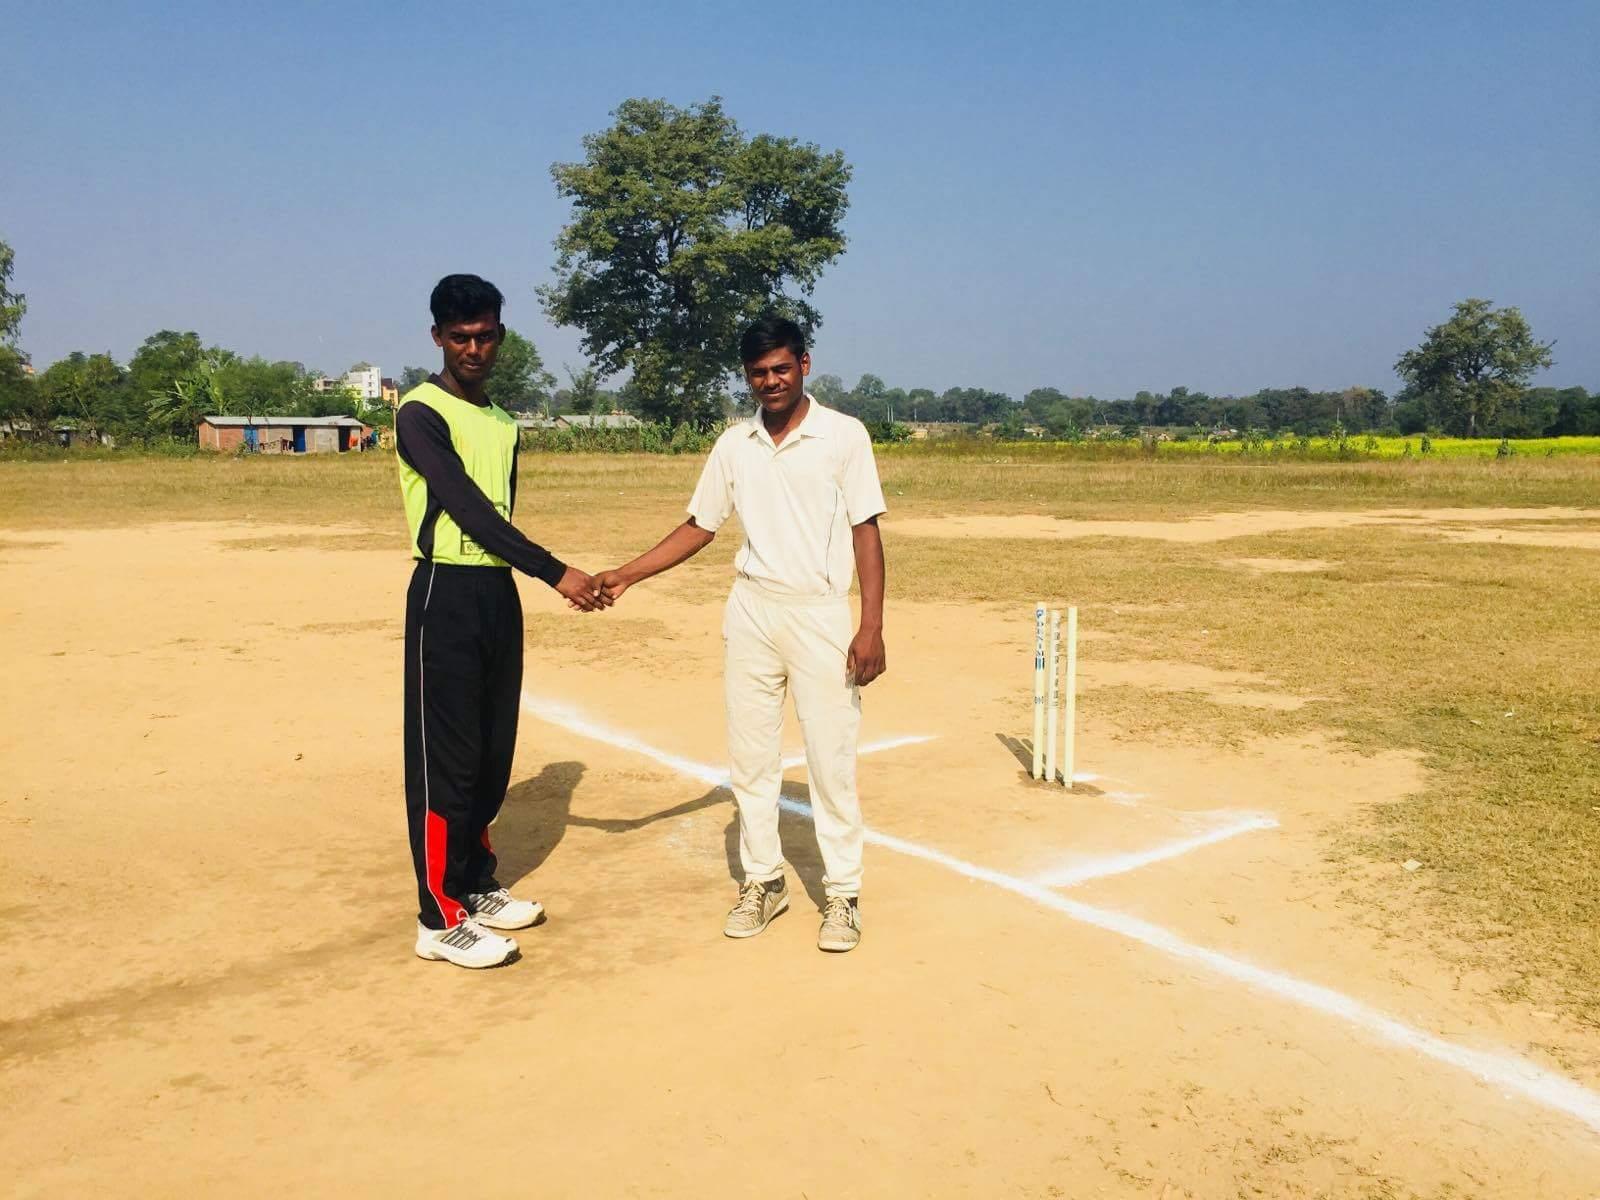 मध्य-पश्चिम क्रिकेट क्लबलाई क्रिकेट शृङ्खला